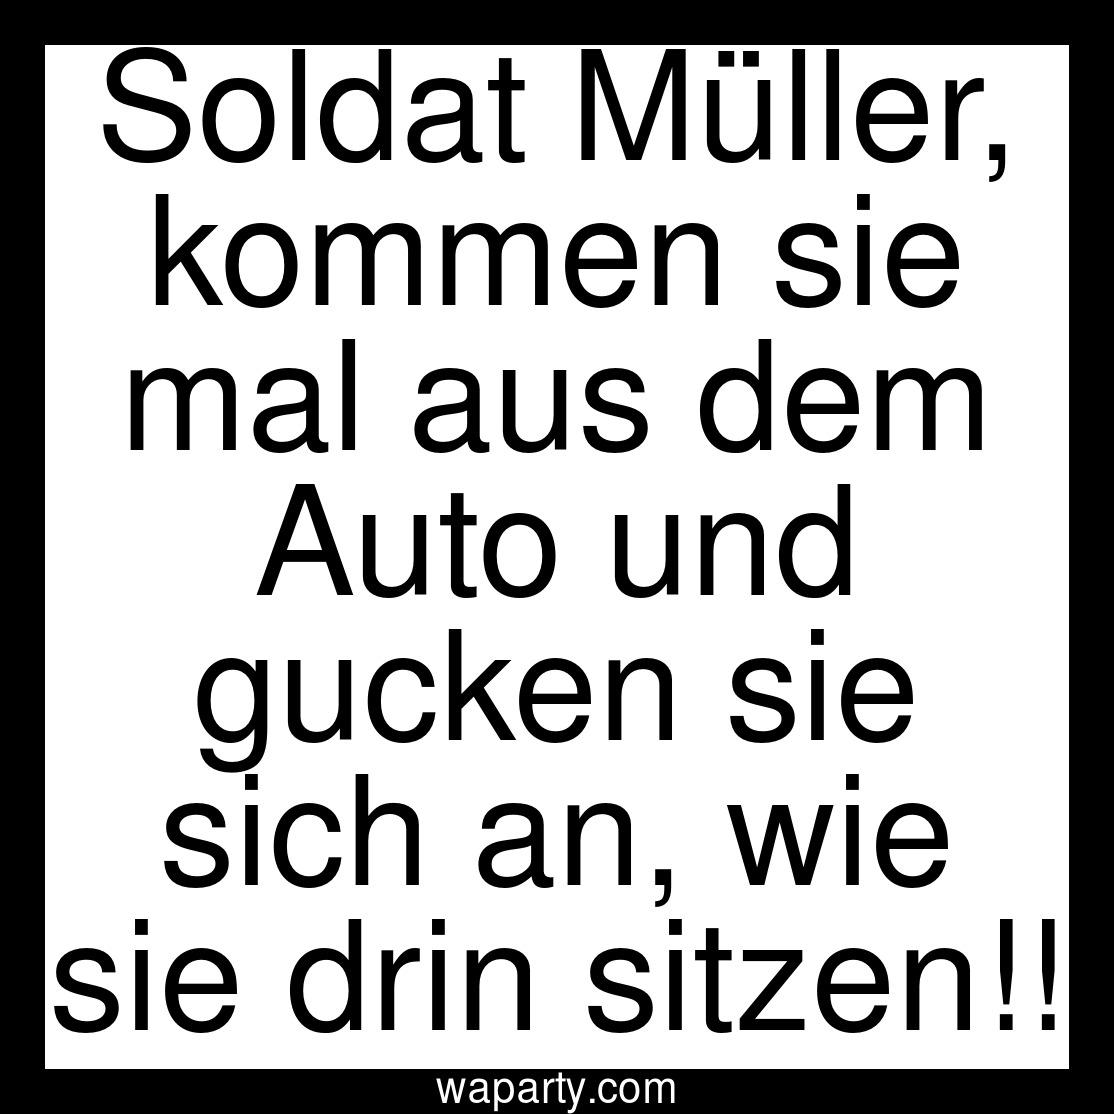 Soldat Müller, kommen sie mal aus dem Auto und gucken sie sich an, wie sie drin sitzen!!